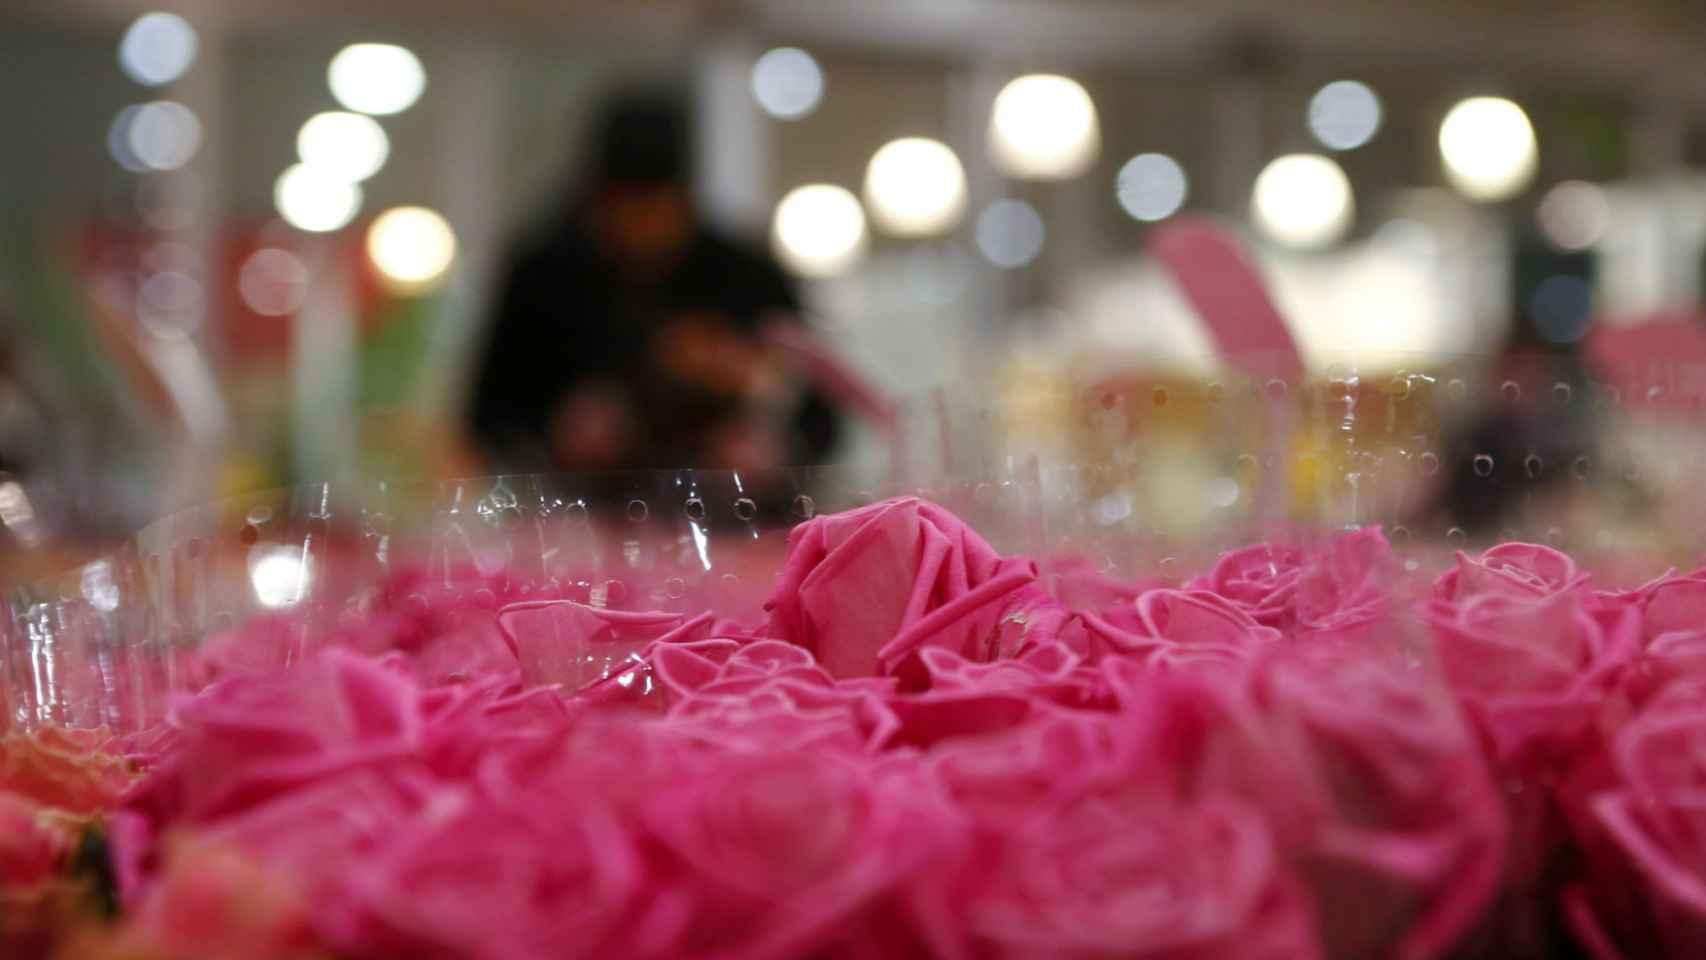 Las flores, uno de los regalos más repetidos en San Valentín.